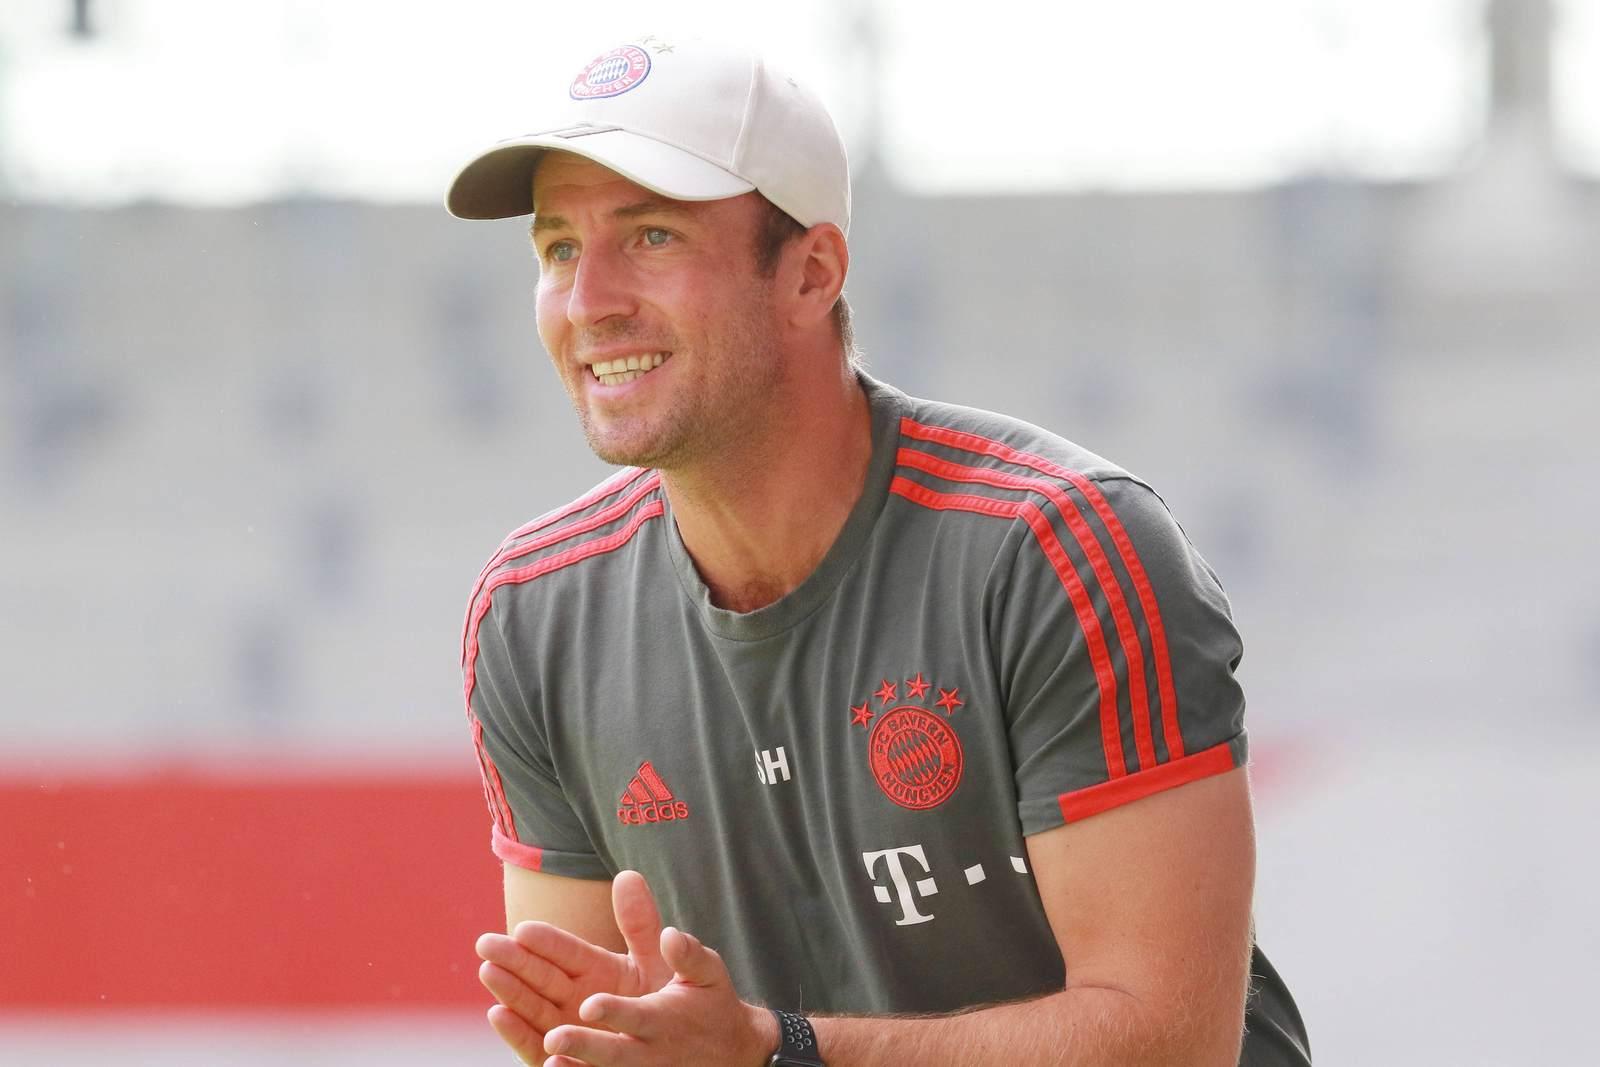 Sebastian Hoeneß motiviert seine Mannschaft